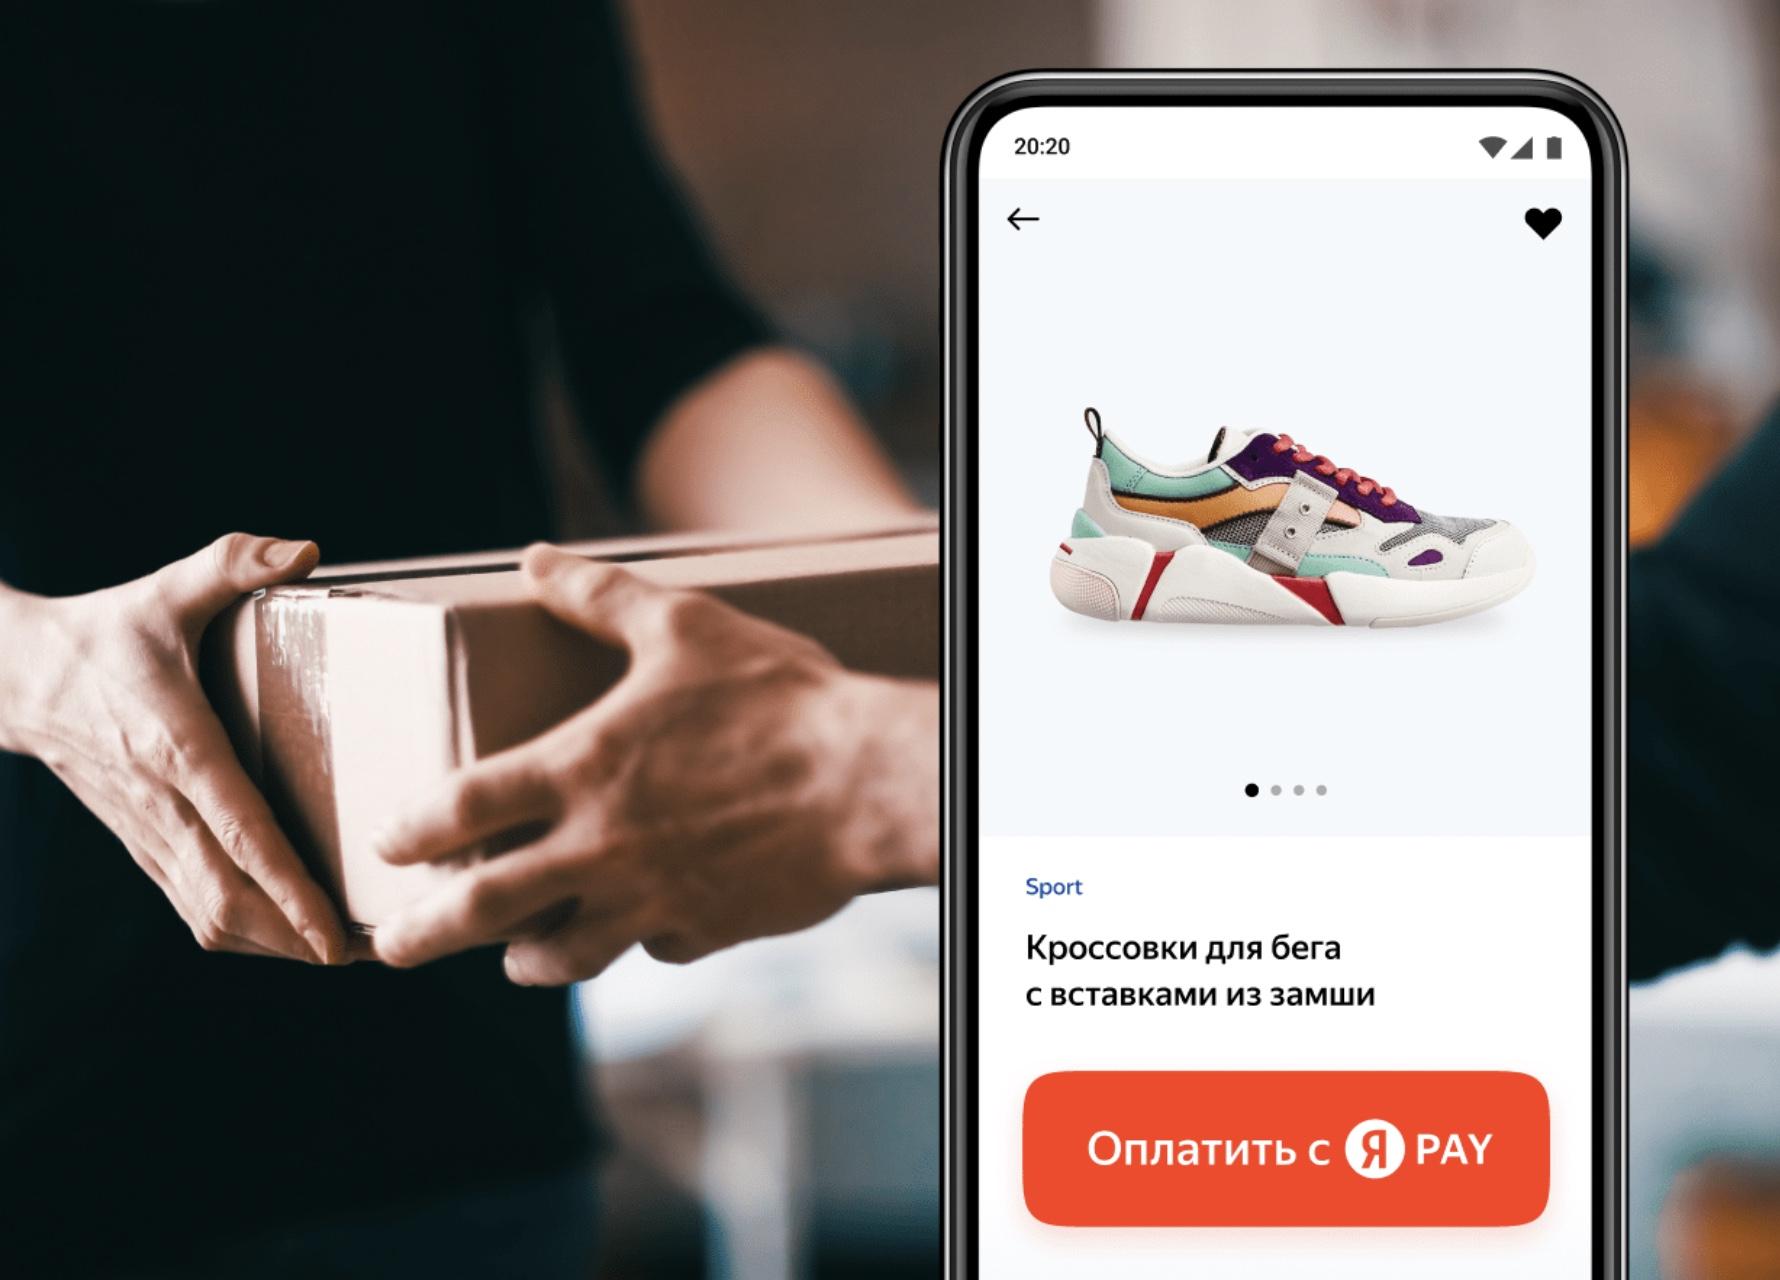 Яндекс запустил новый сервис оплаты онлайн-покупок